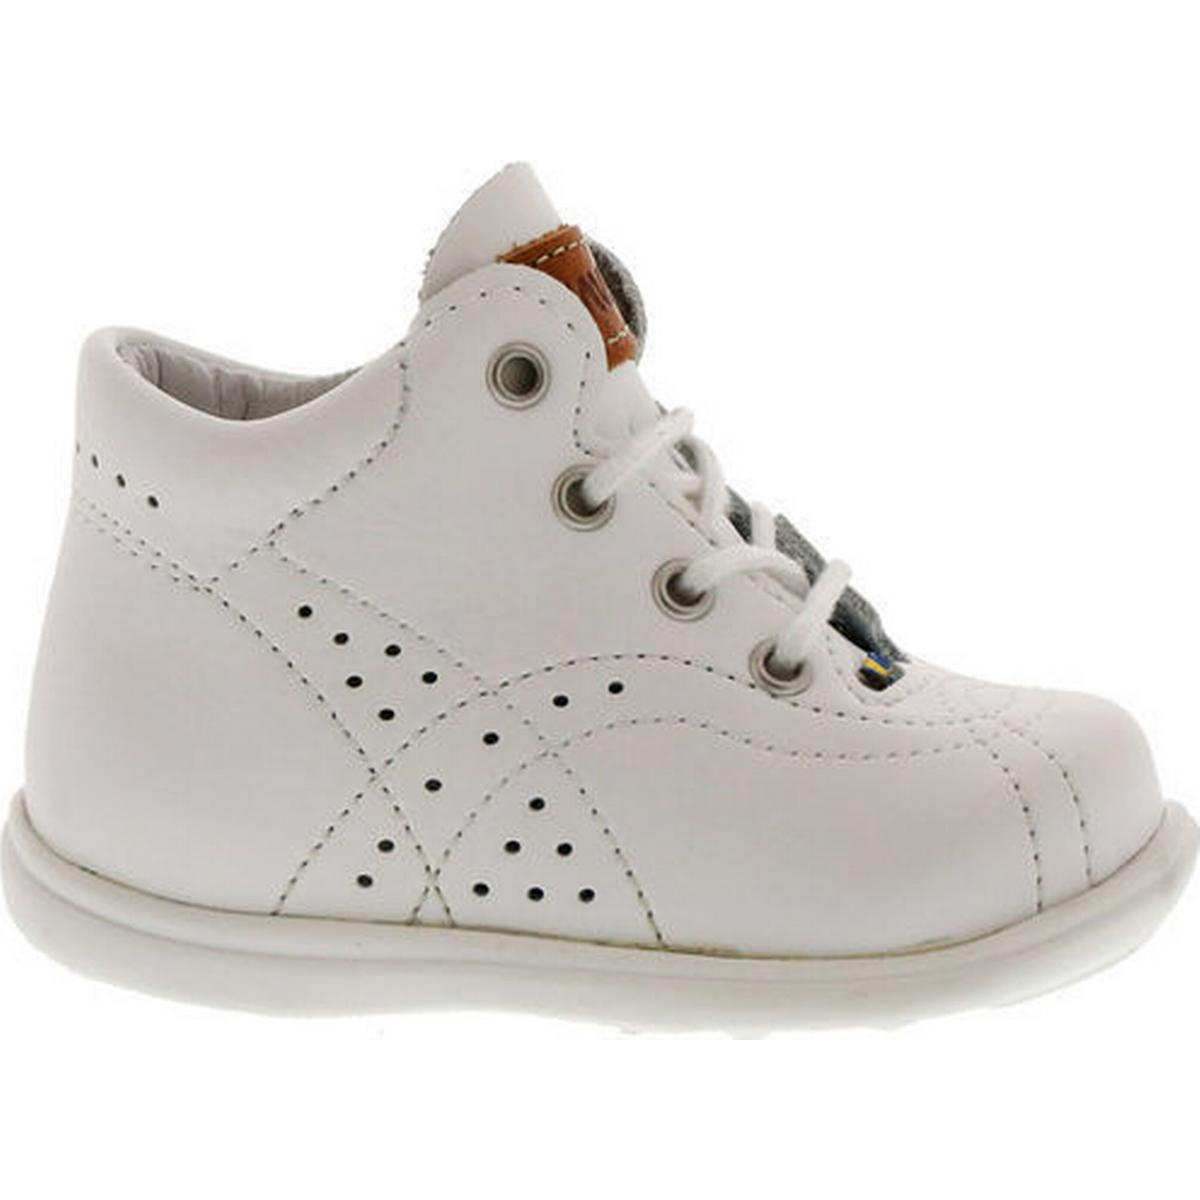 82e7b5f11dc Lära-gå-skor Barnskor - Jämför priser på Lära-gå sko PriceRunner